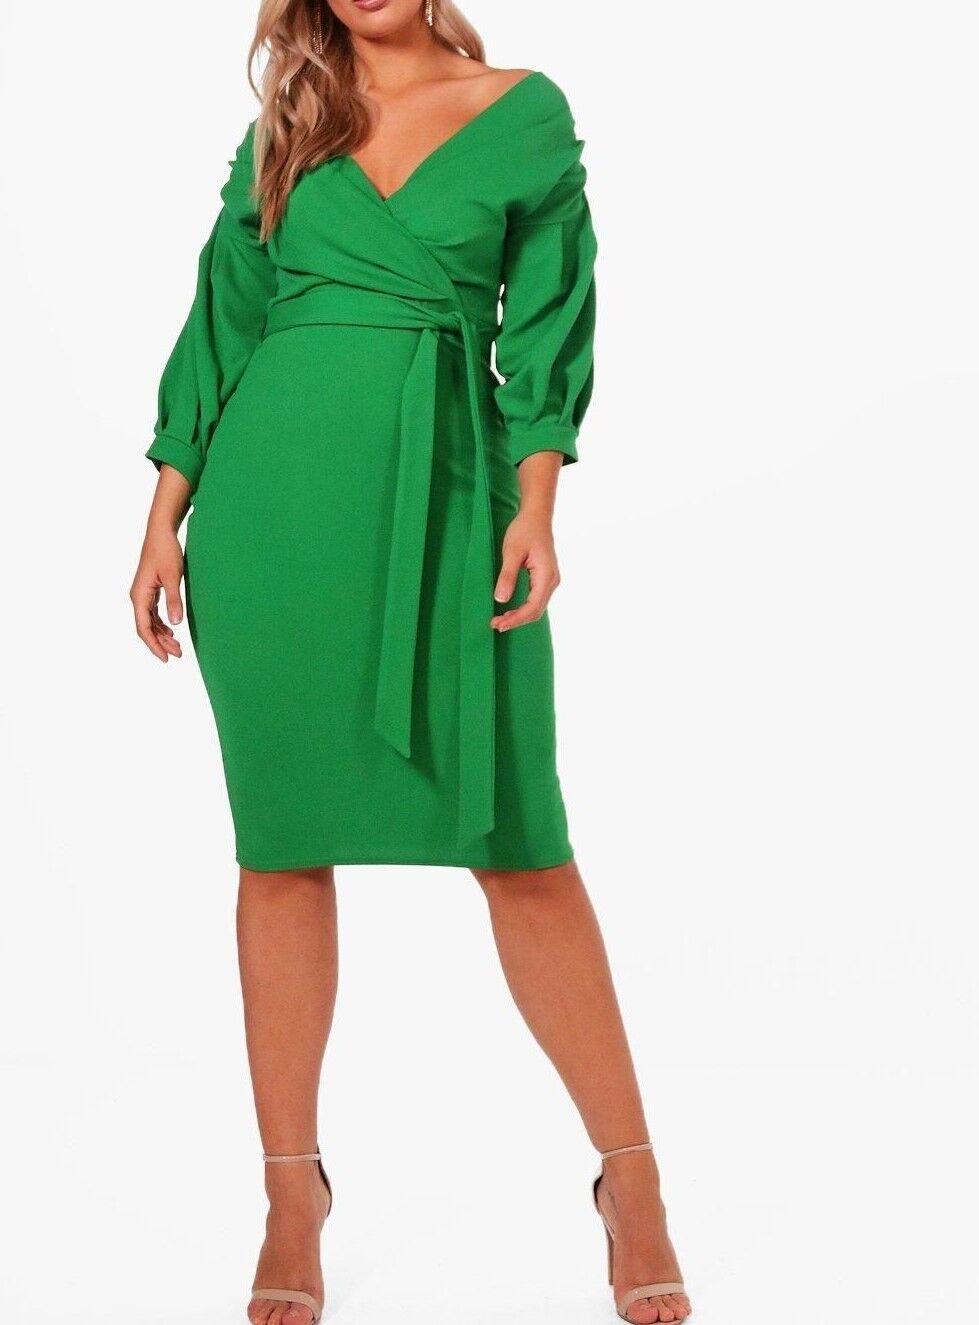 Boohoo Plus Schneider Schulterfrei Gewickelt Midi Kleid in Blattgrünes UK 16 (